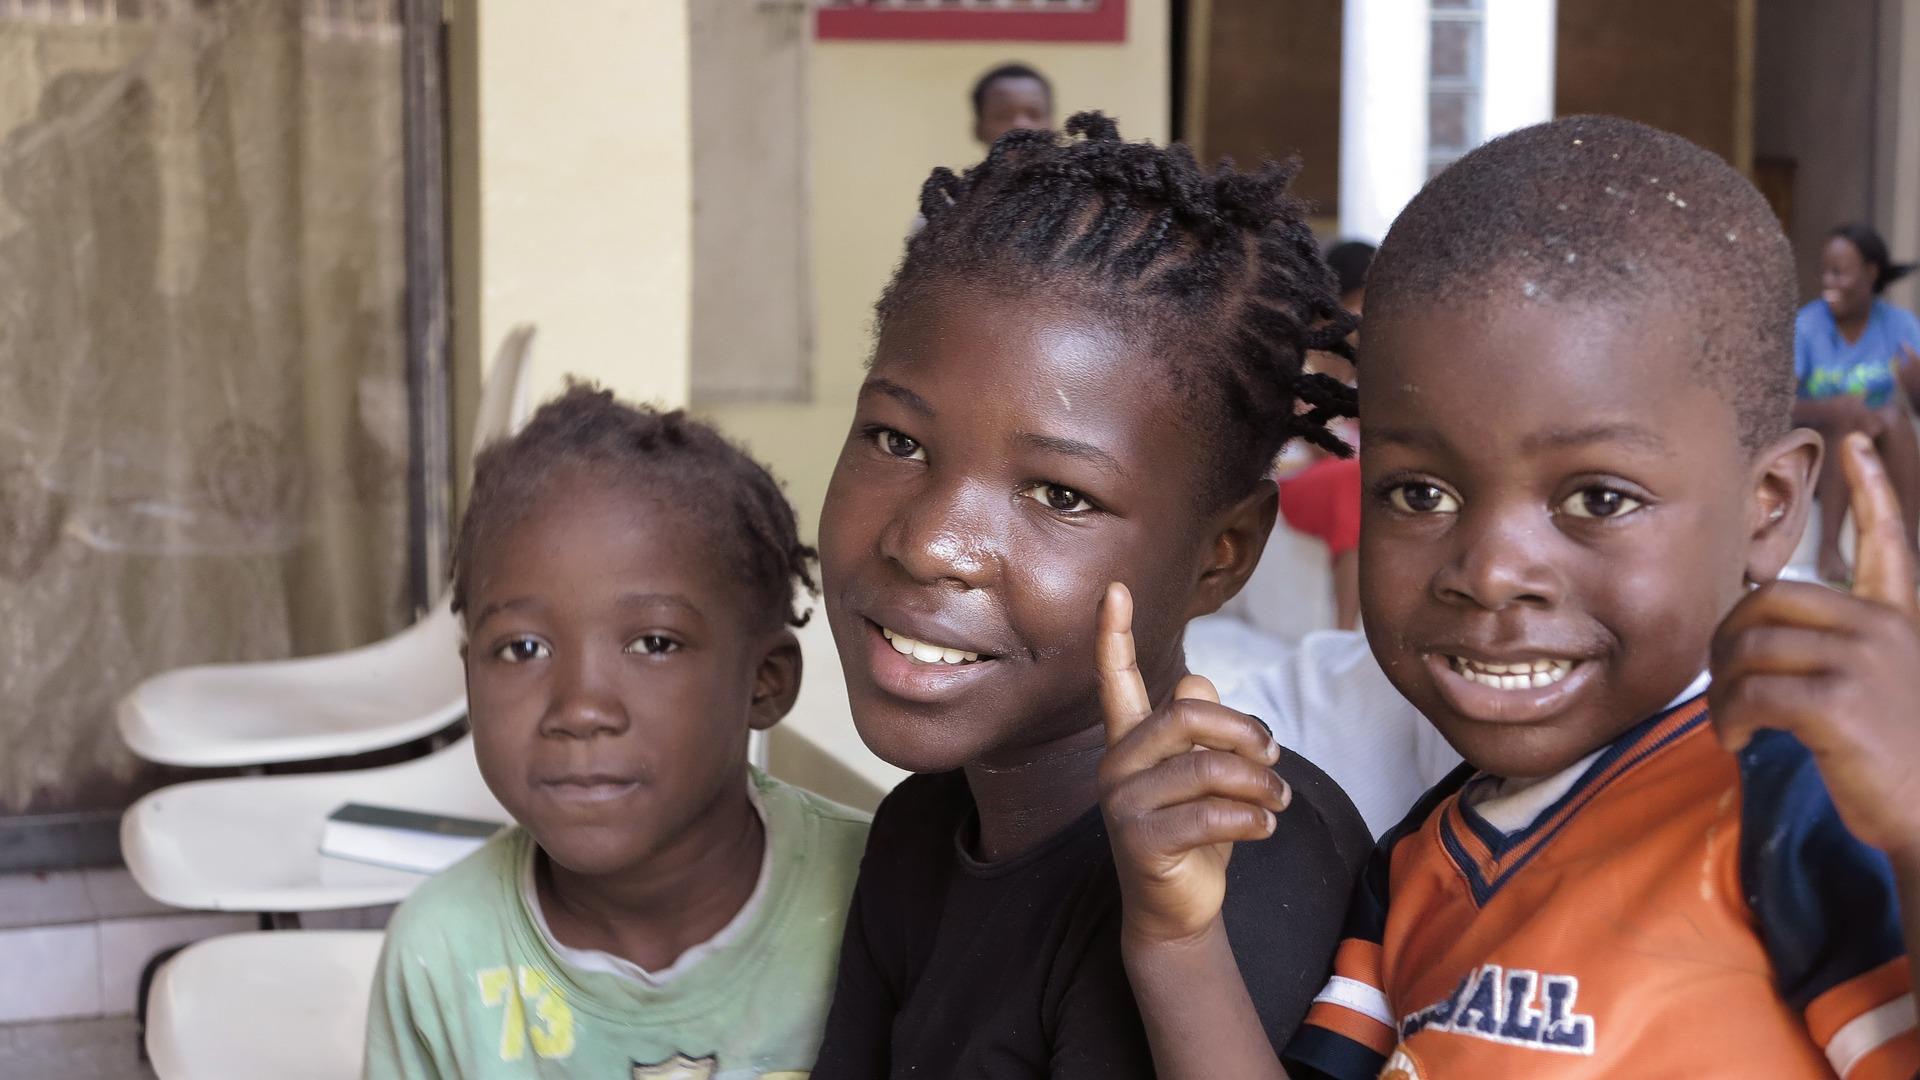 children-2704878_1920 Haiti